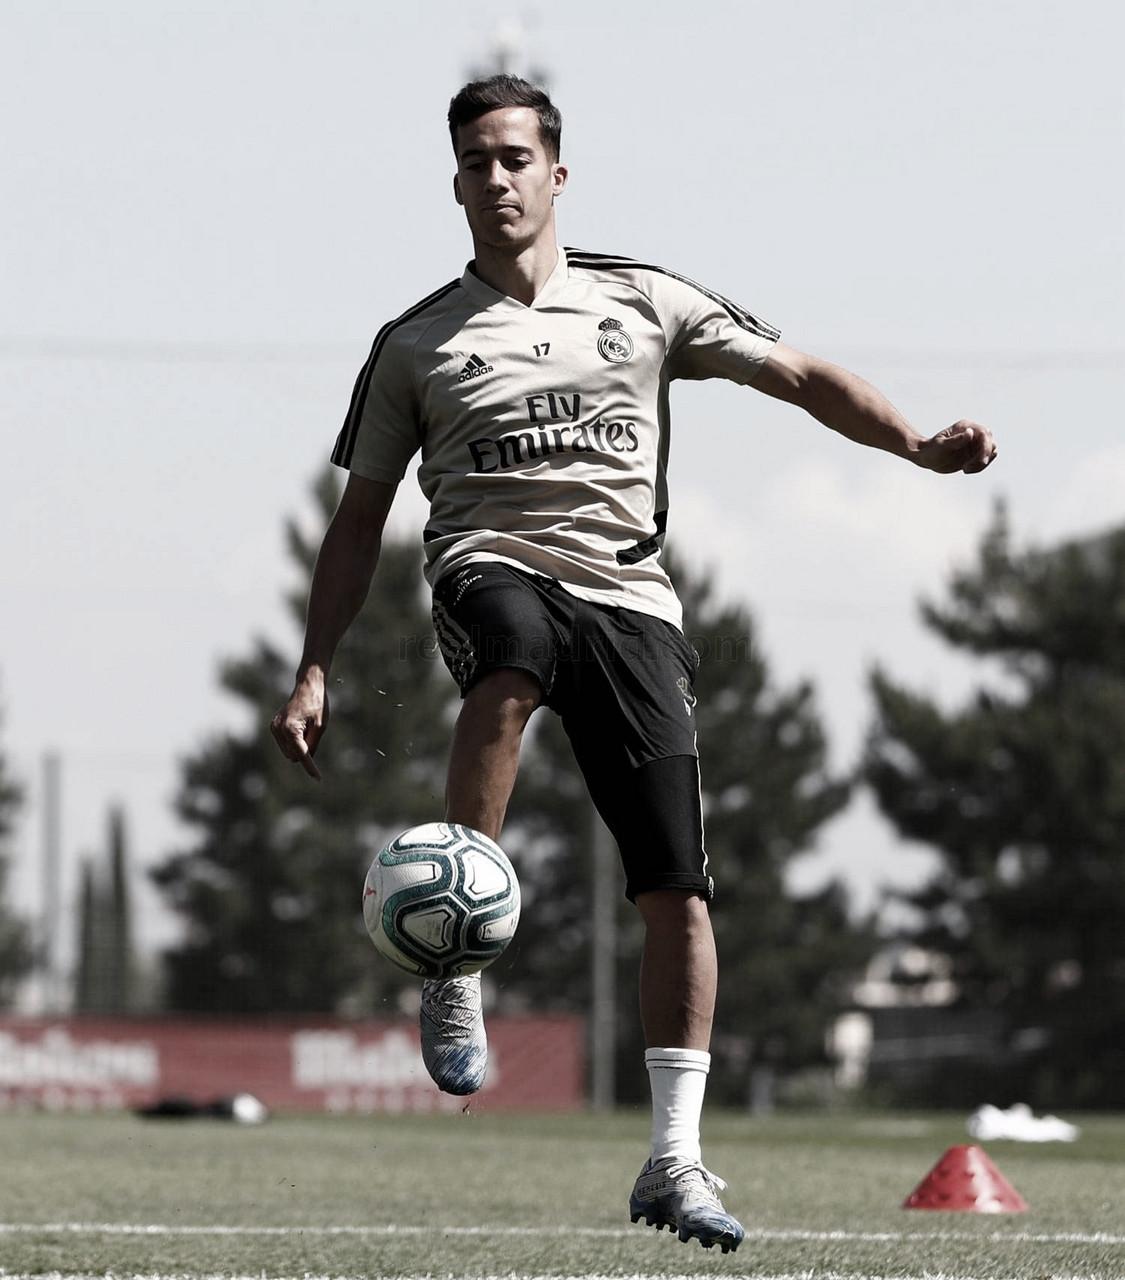 """Lucas Vázquez: """"Ganar la Champions en mi primera temporada fue un sueño hecho realidad"""""""